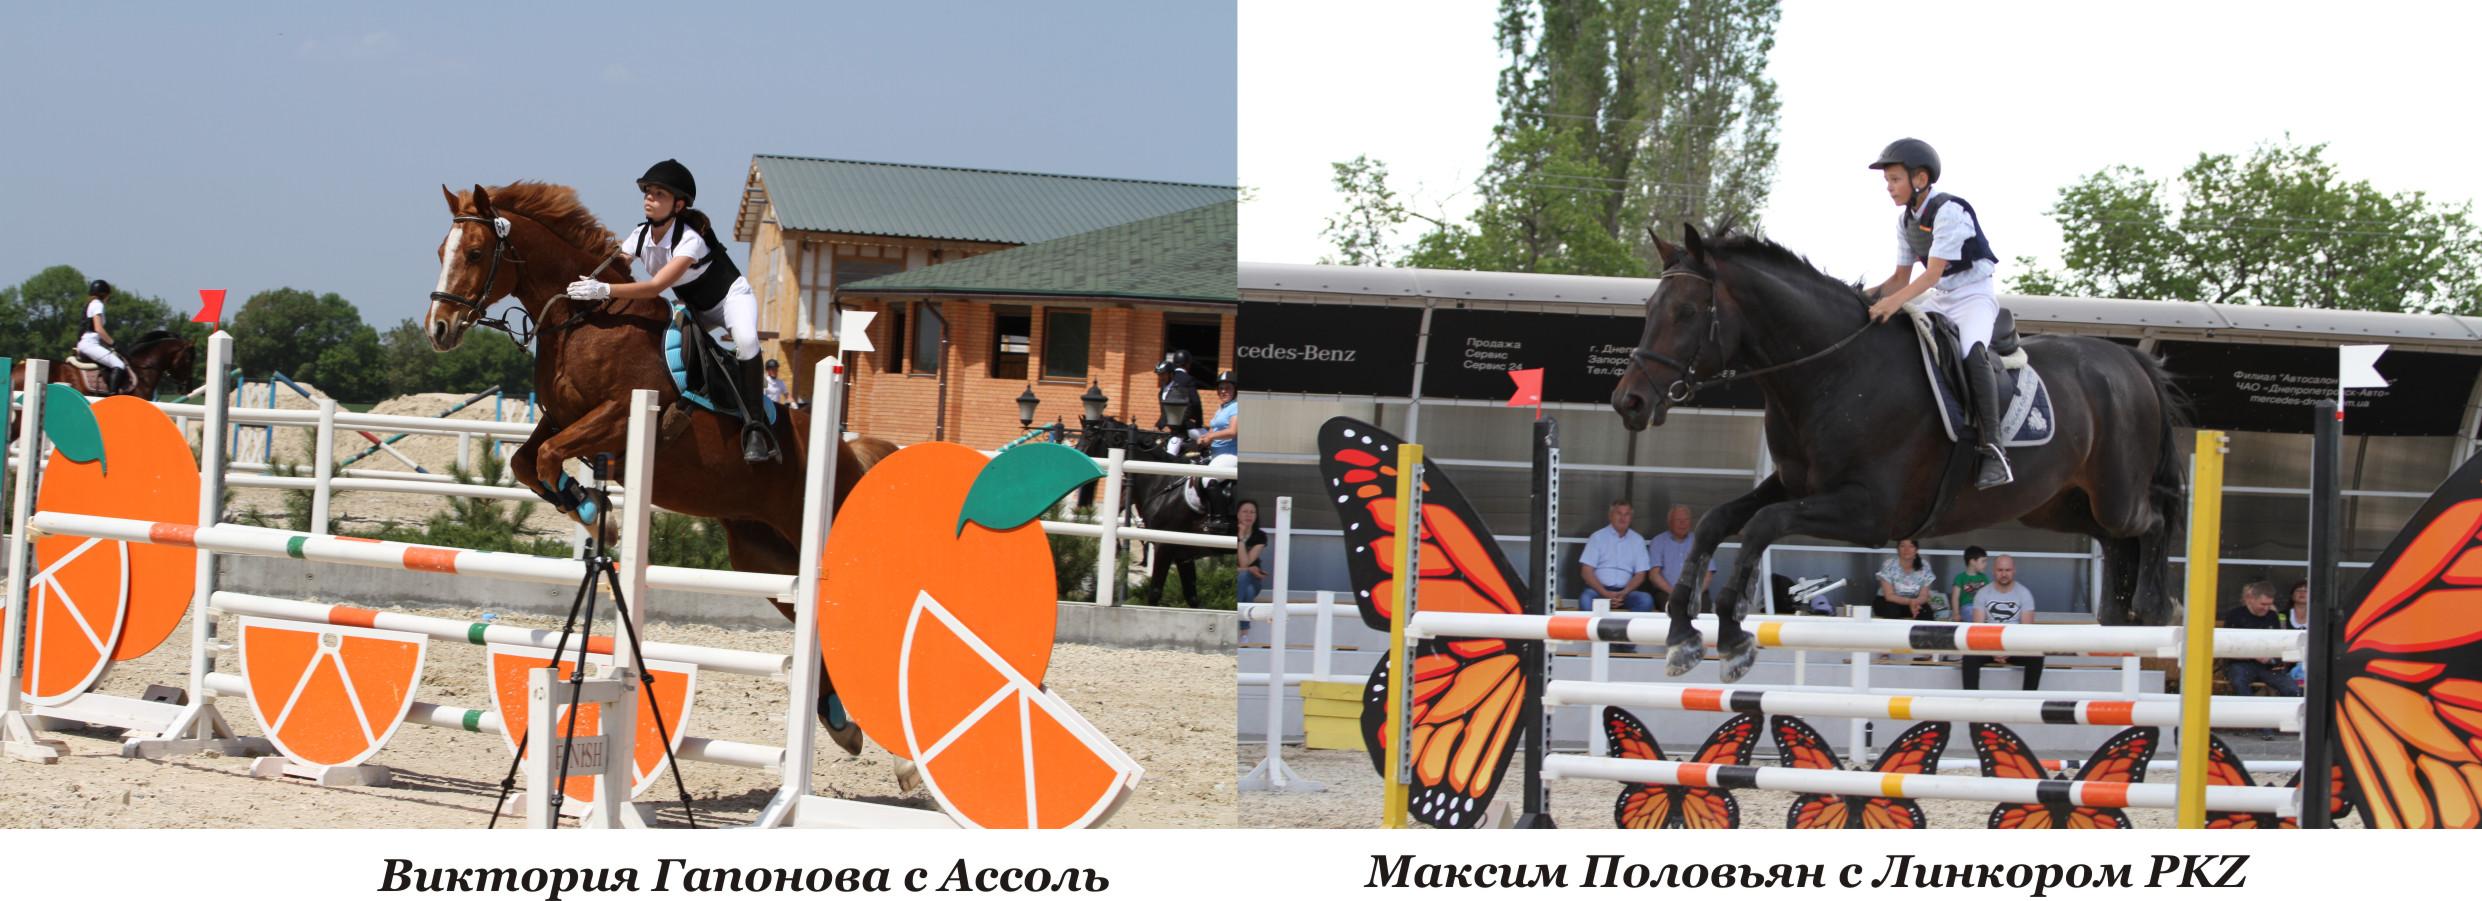 4-й этап открытых зональных соревнований по преодолению препятствий «Кубок Днепра» (выпуск журнала №40)